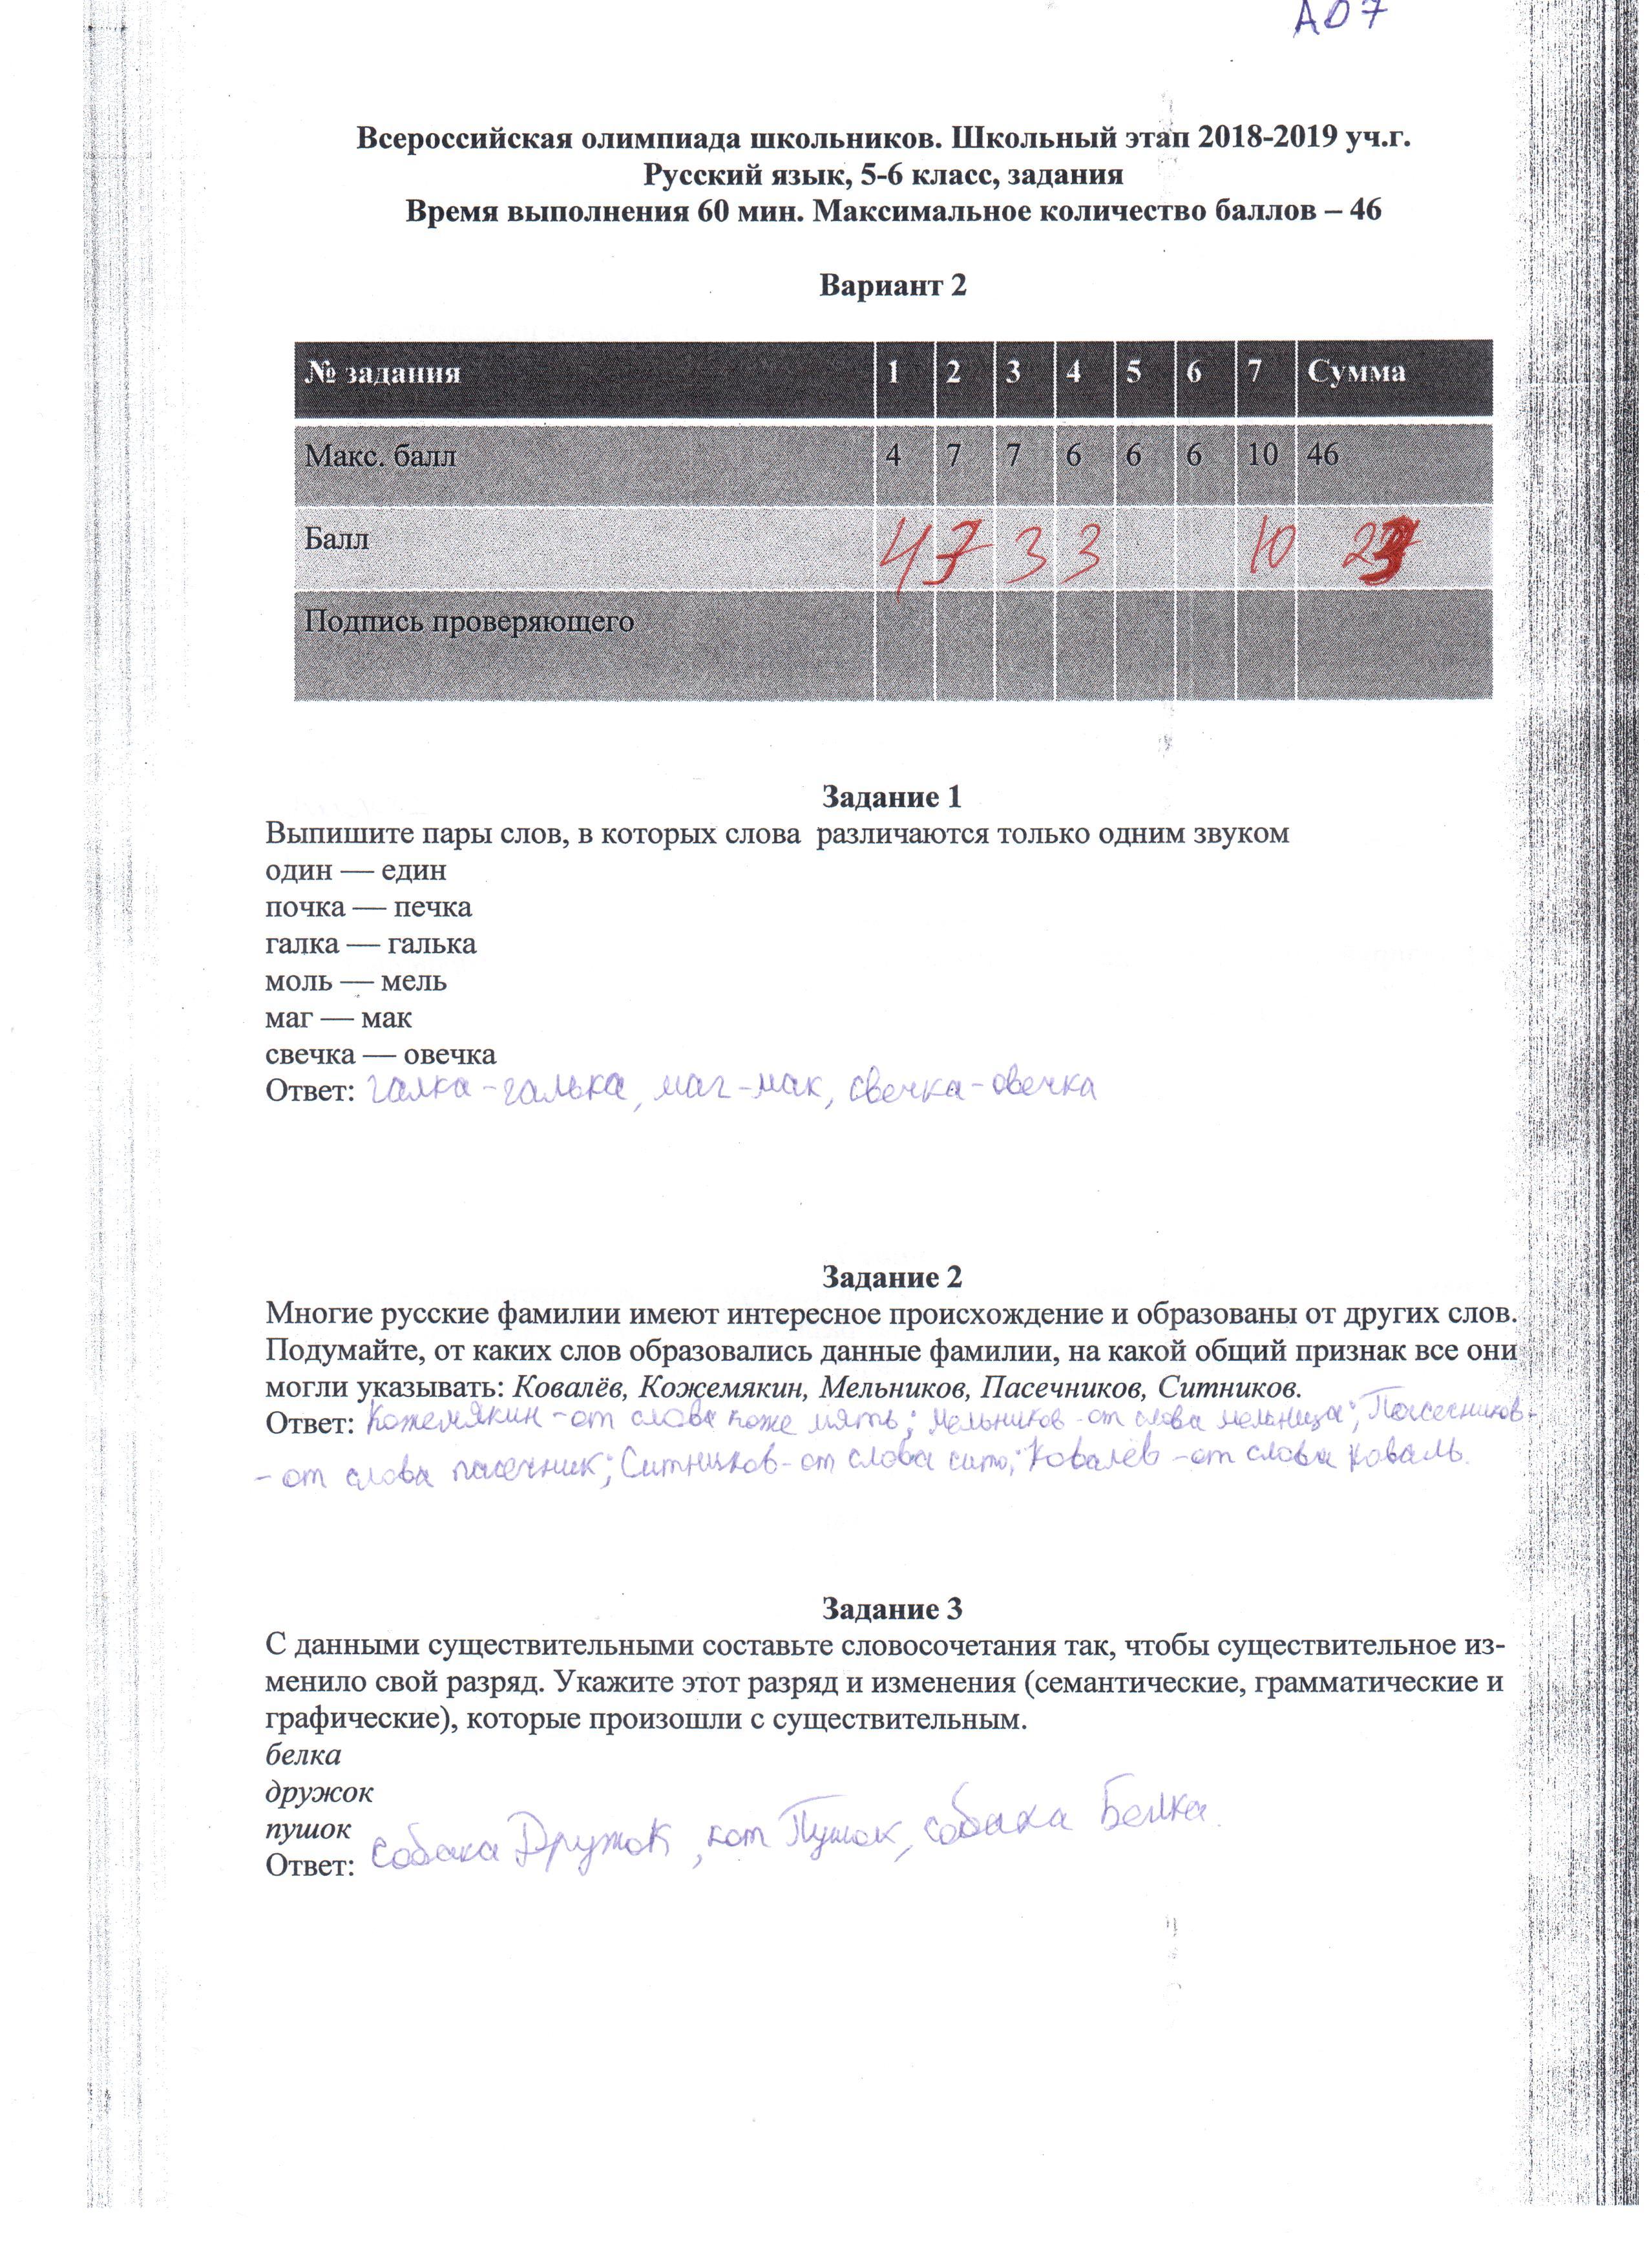 олимпиада школьников русский язык 6 класс